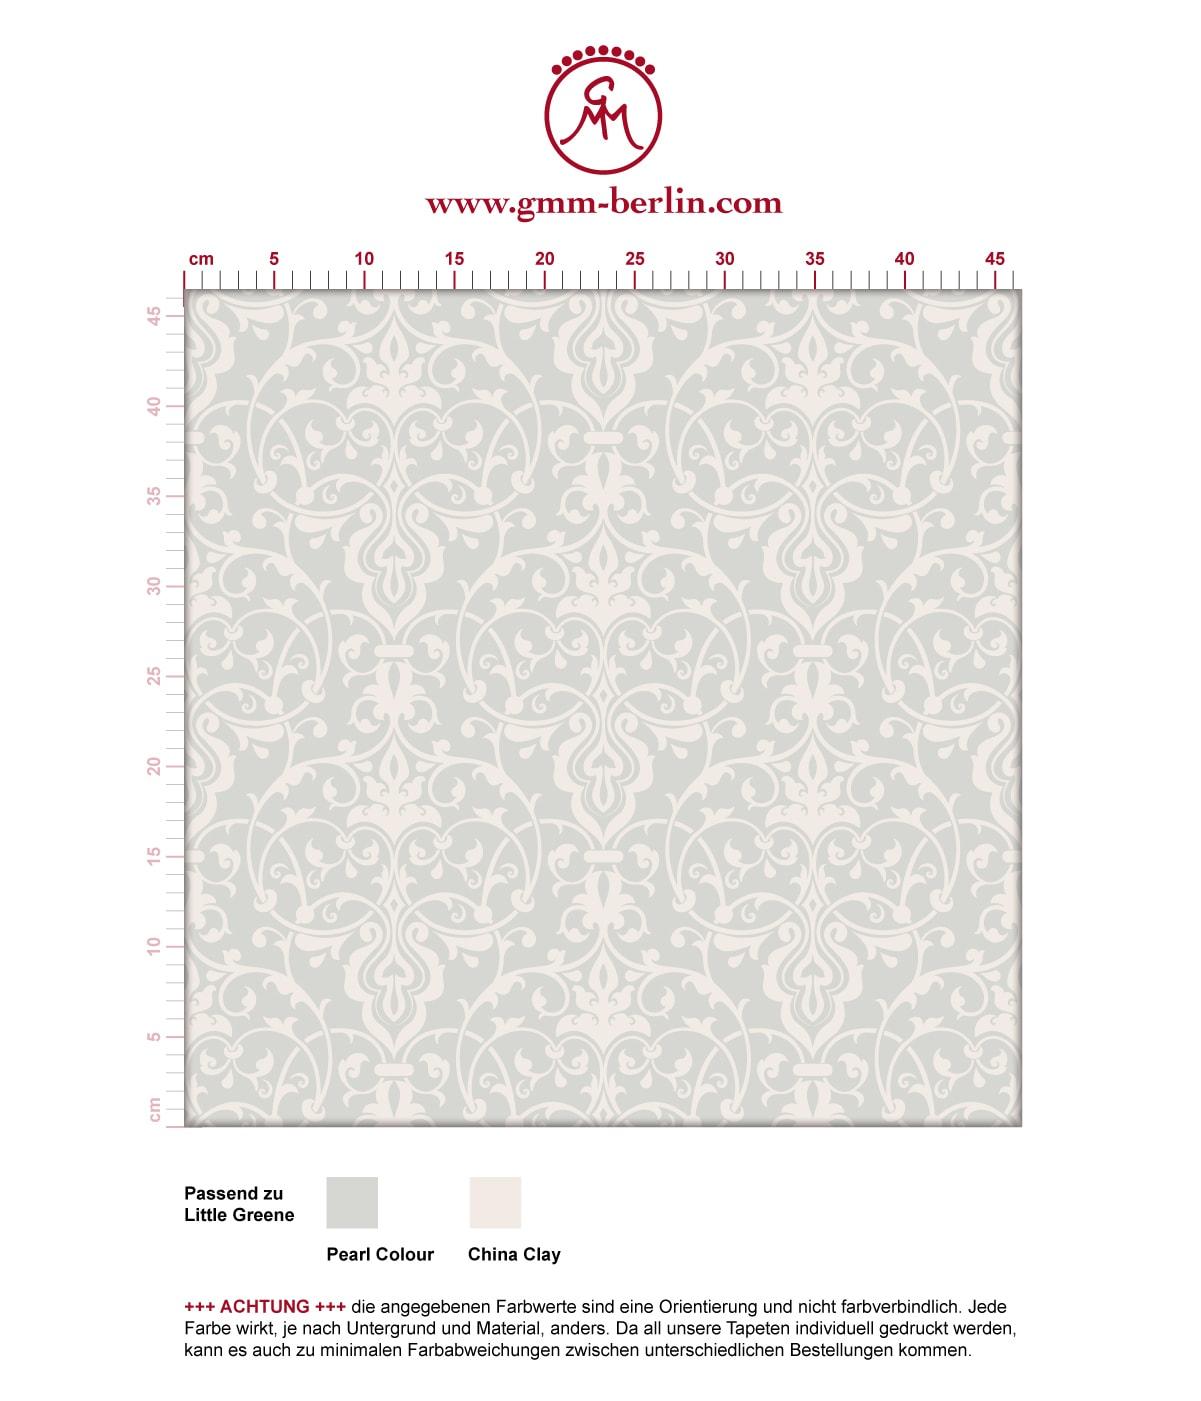 Üppige Tapete mit klassischem Damast Muster auf weiß angepasst an Little Greene Wandfarben. Aus dem GMM-BERLIN.com Sortiment: Schöne Tapeten in weiss